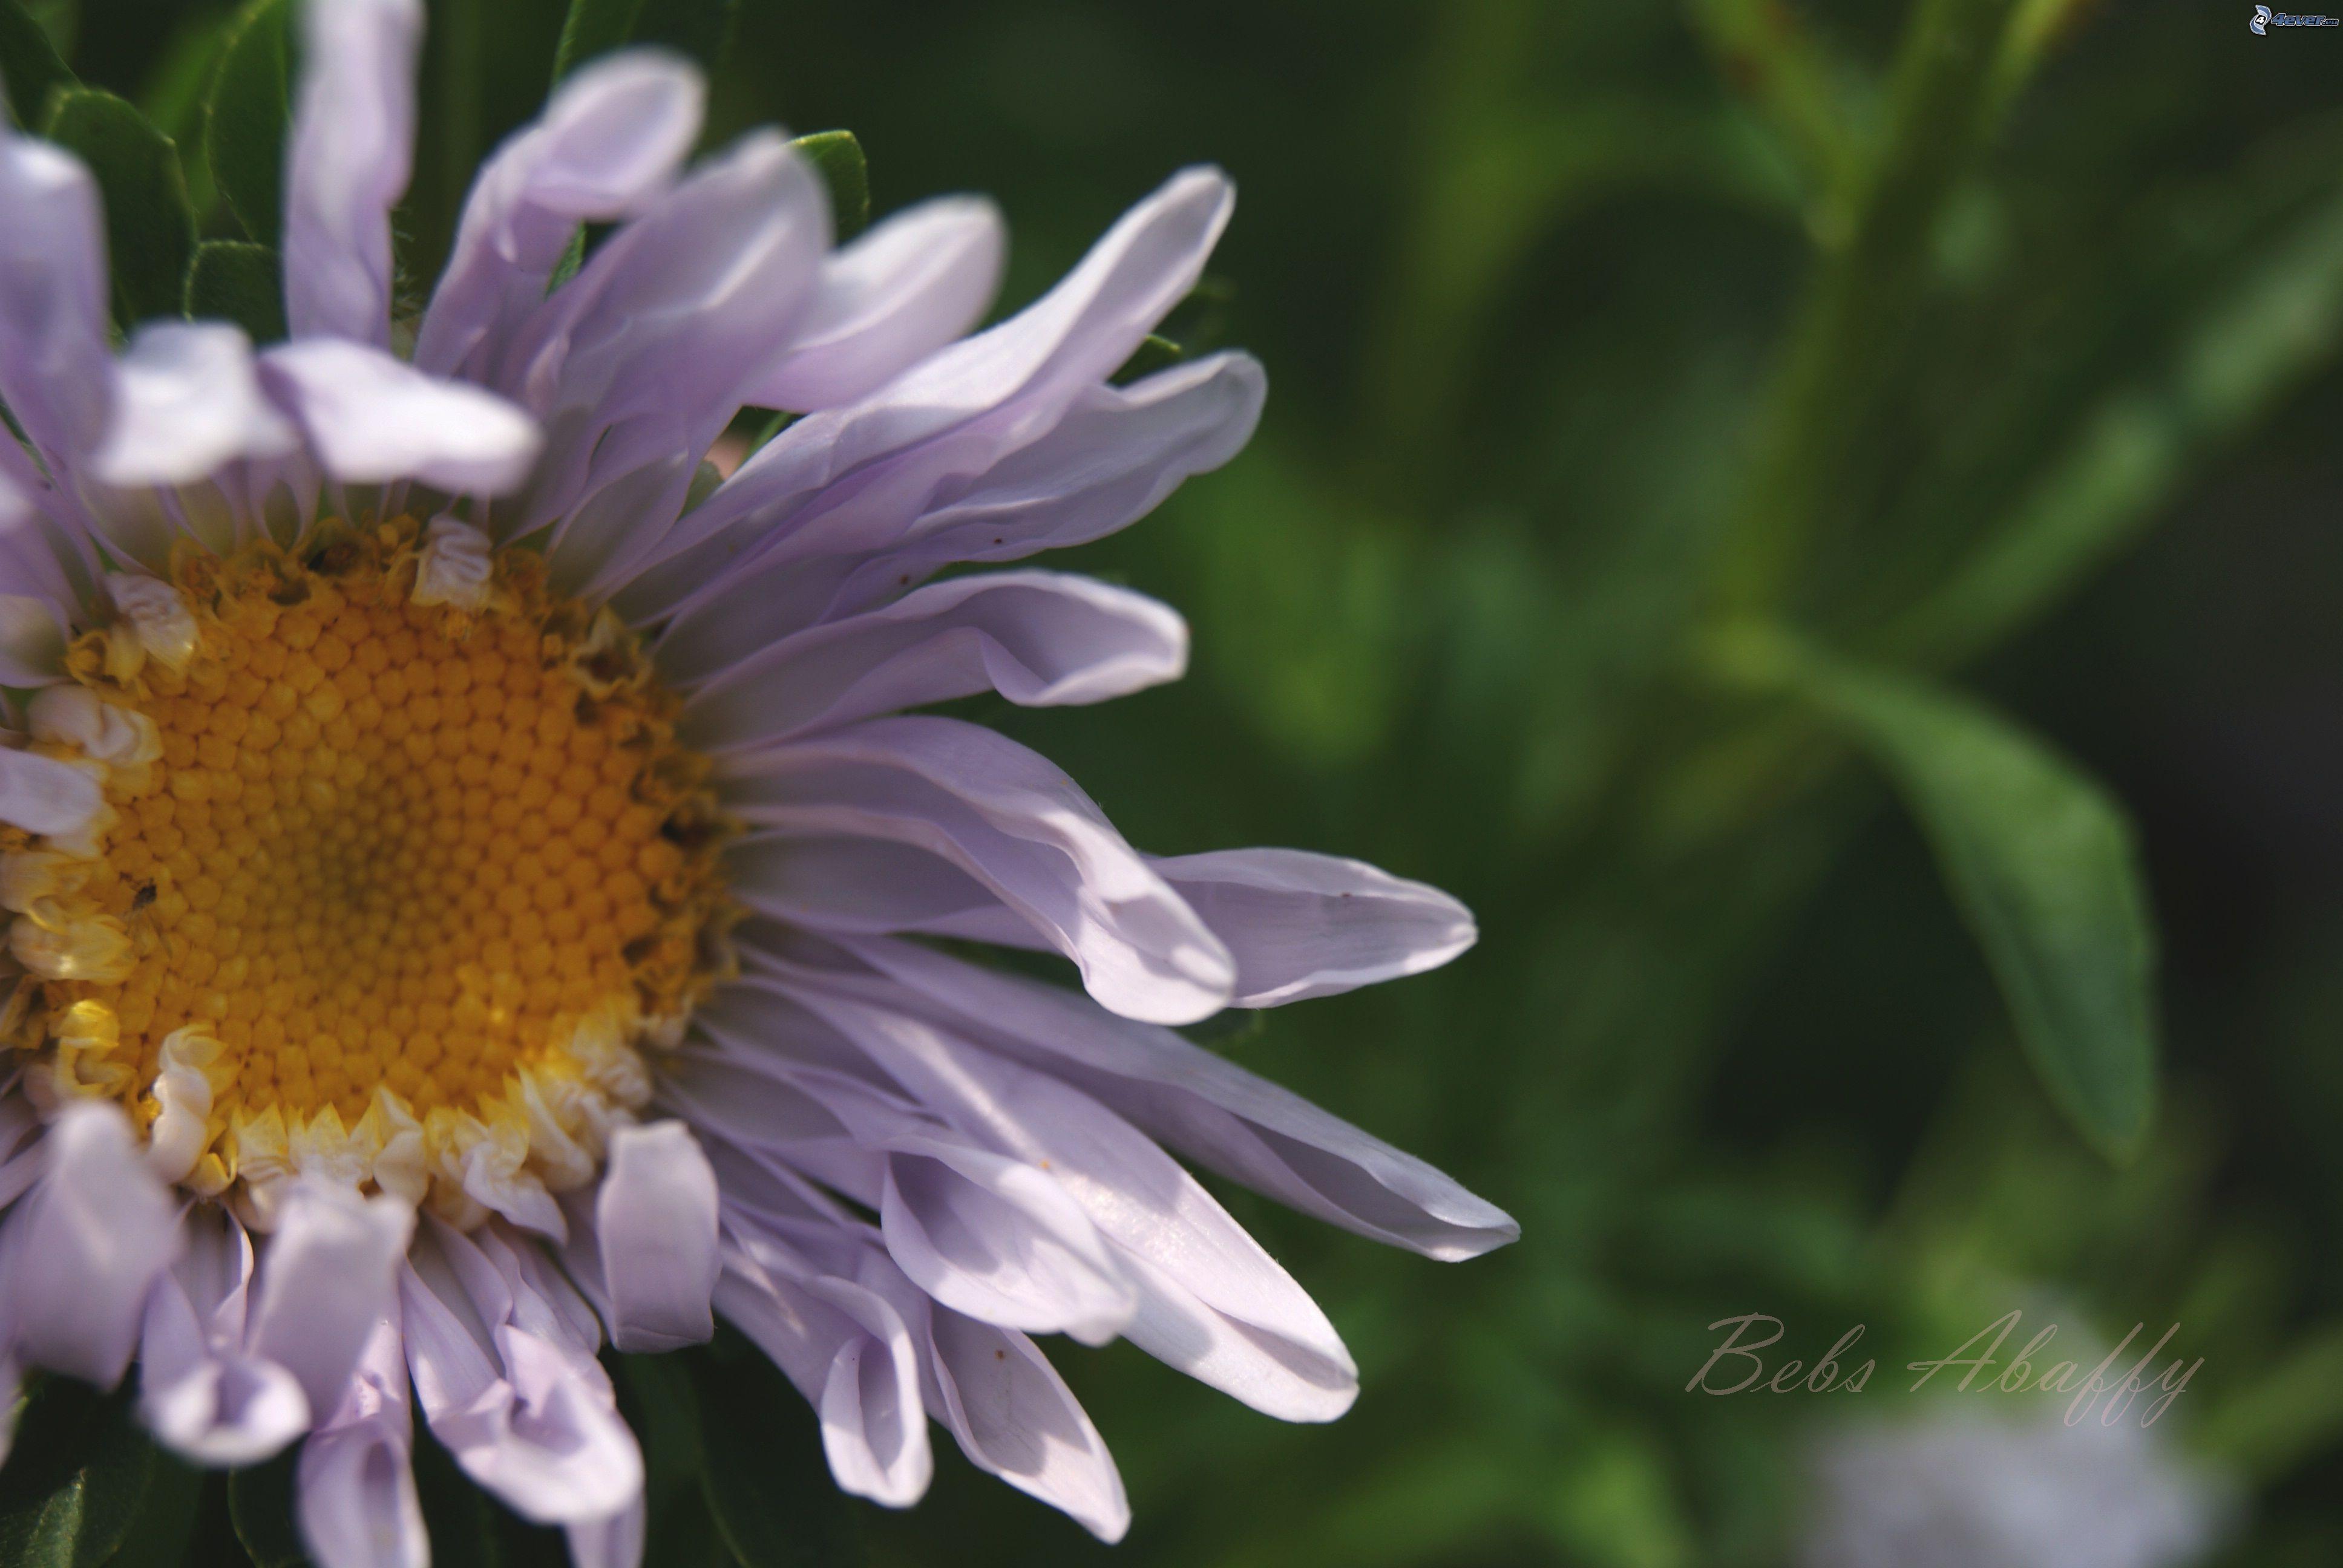 http://obrazky.4ever.sk/data/obrazky/priroda/rastliny/%5Bobrazky.4ever.sk%5D%20biela%20margaretka%20148629.jpg